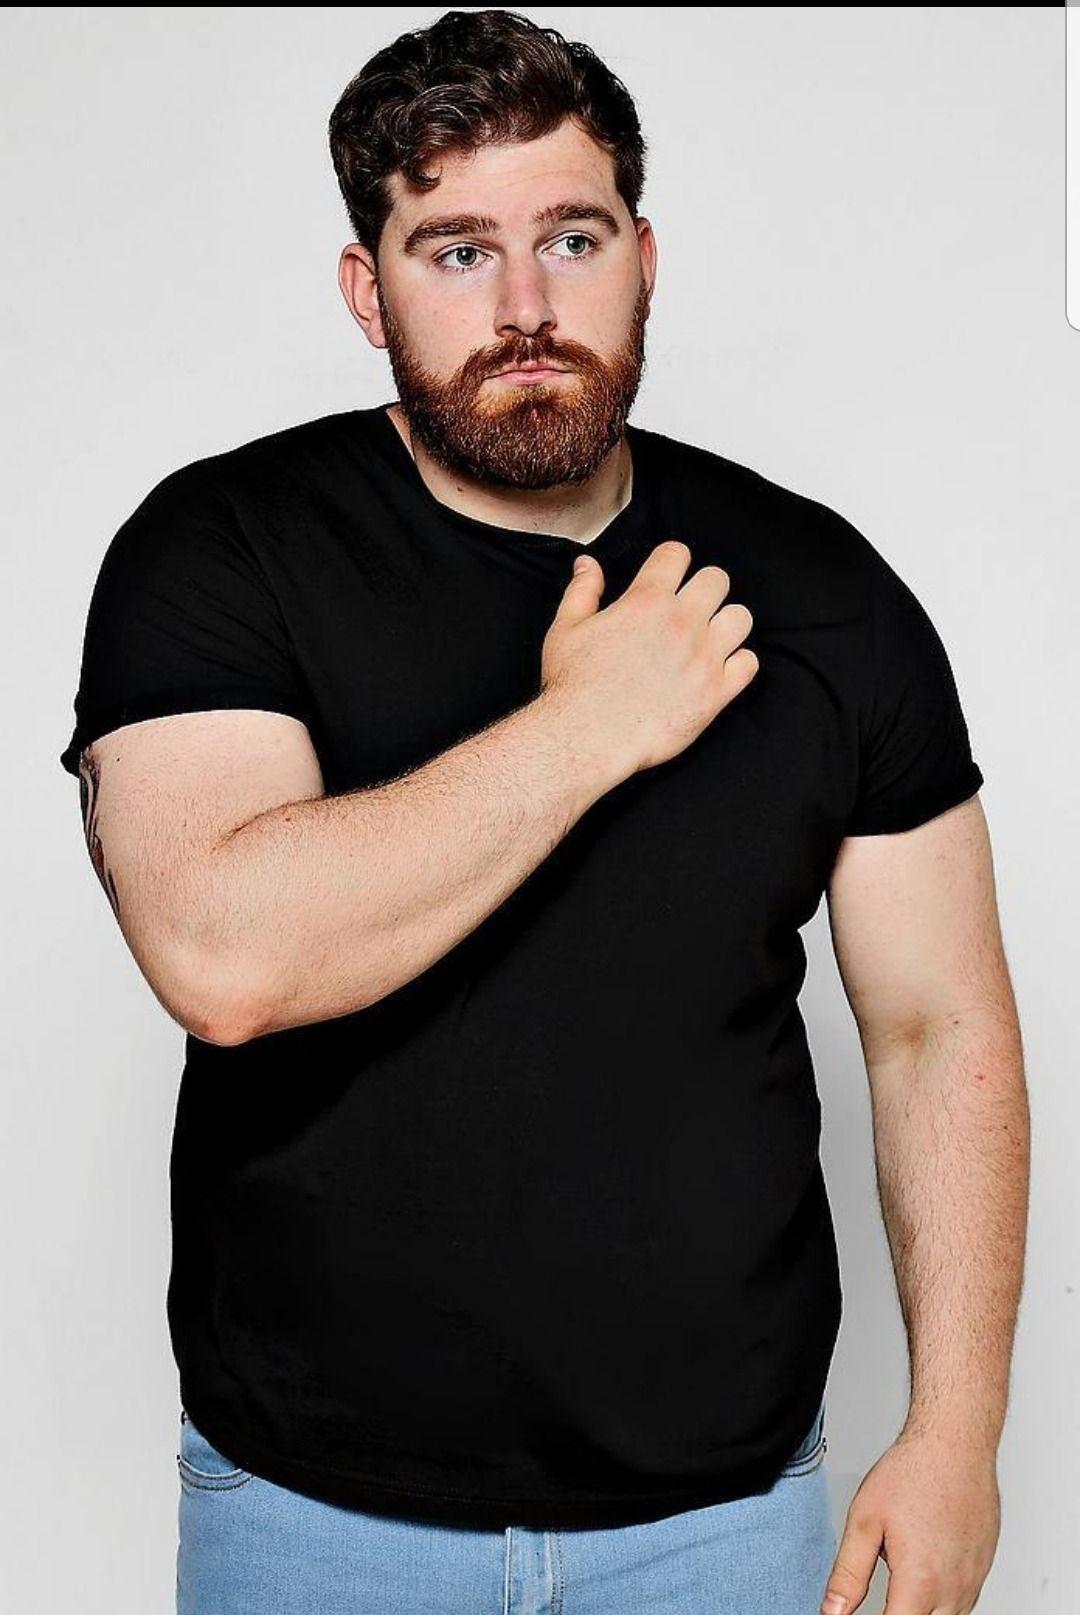 uomini belli con grossi